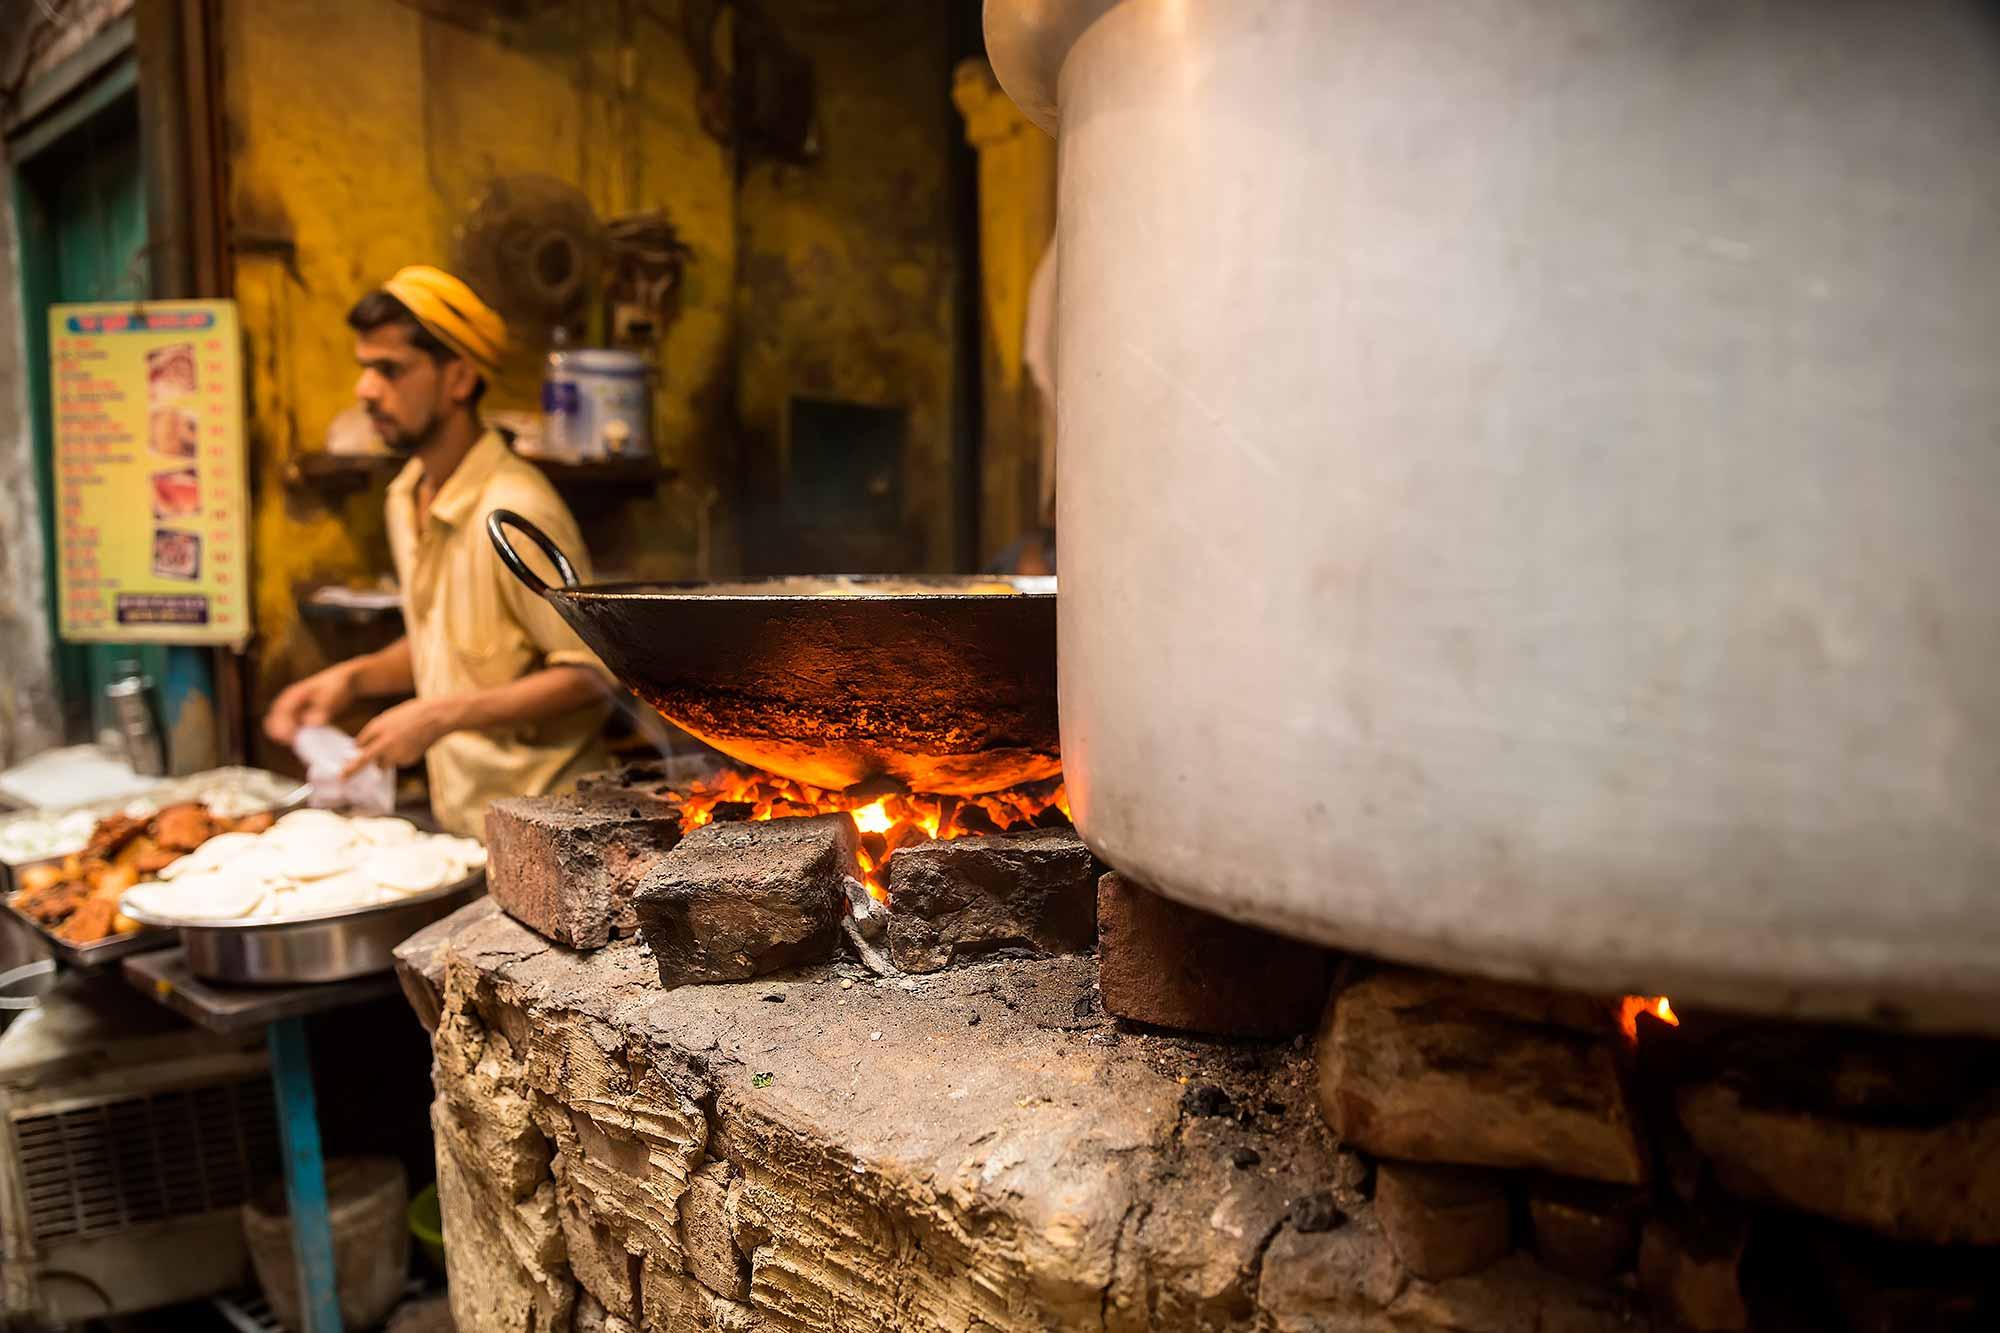 food-stall-streets-varanasi-india